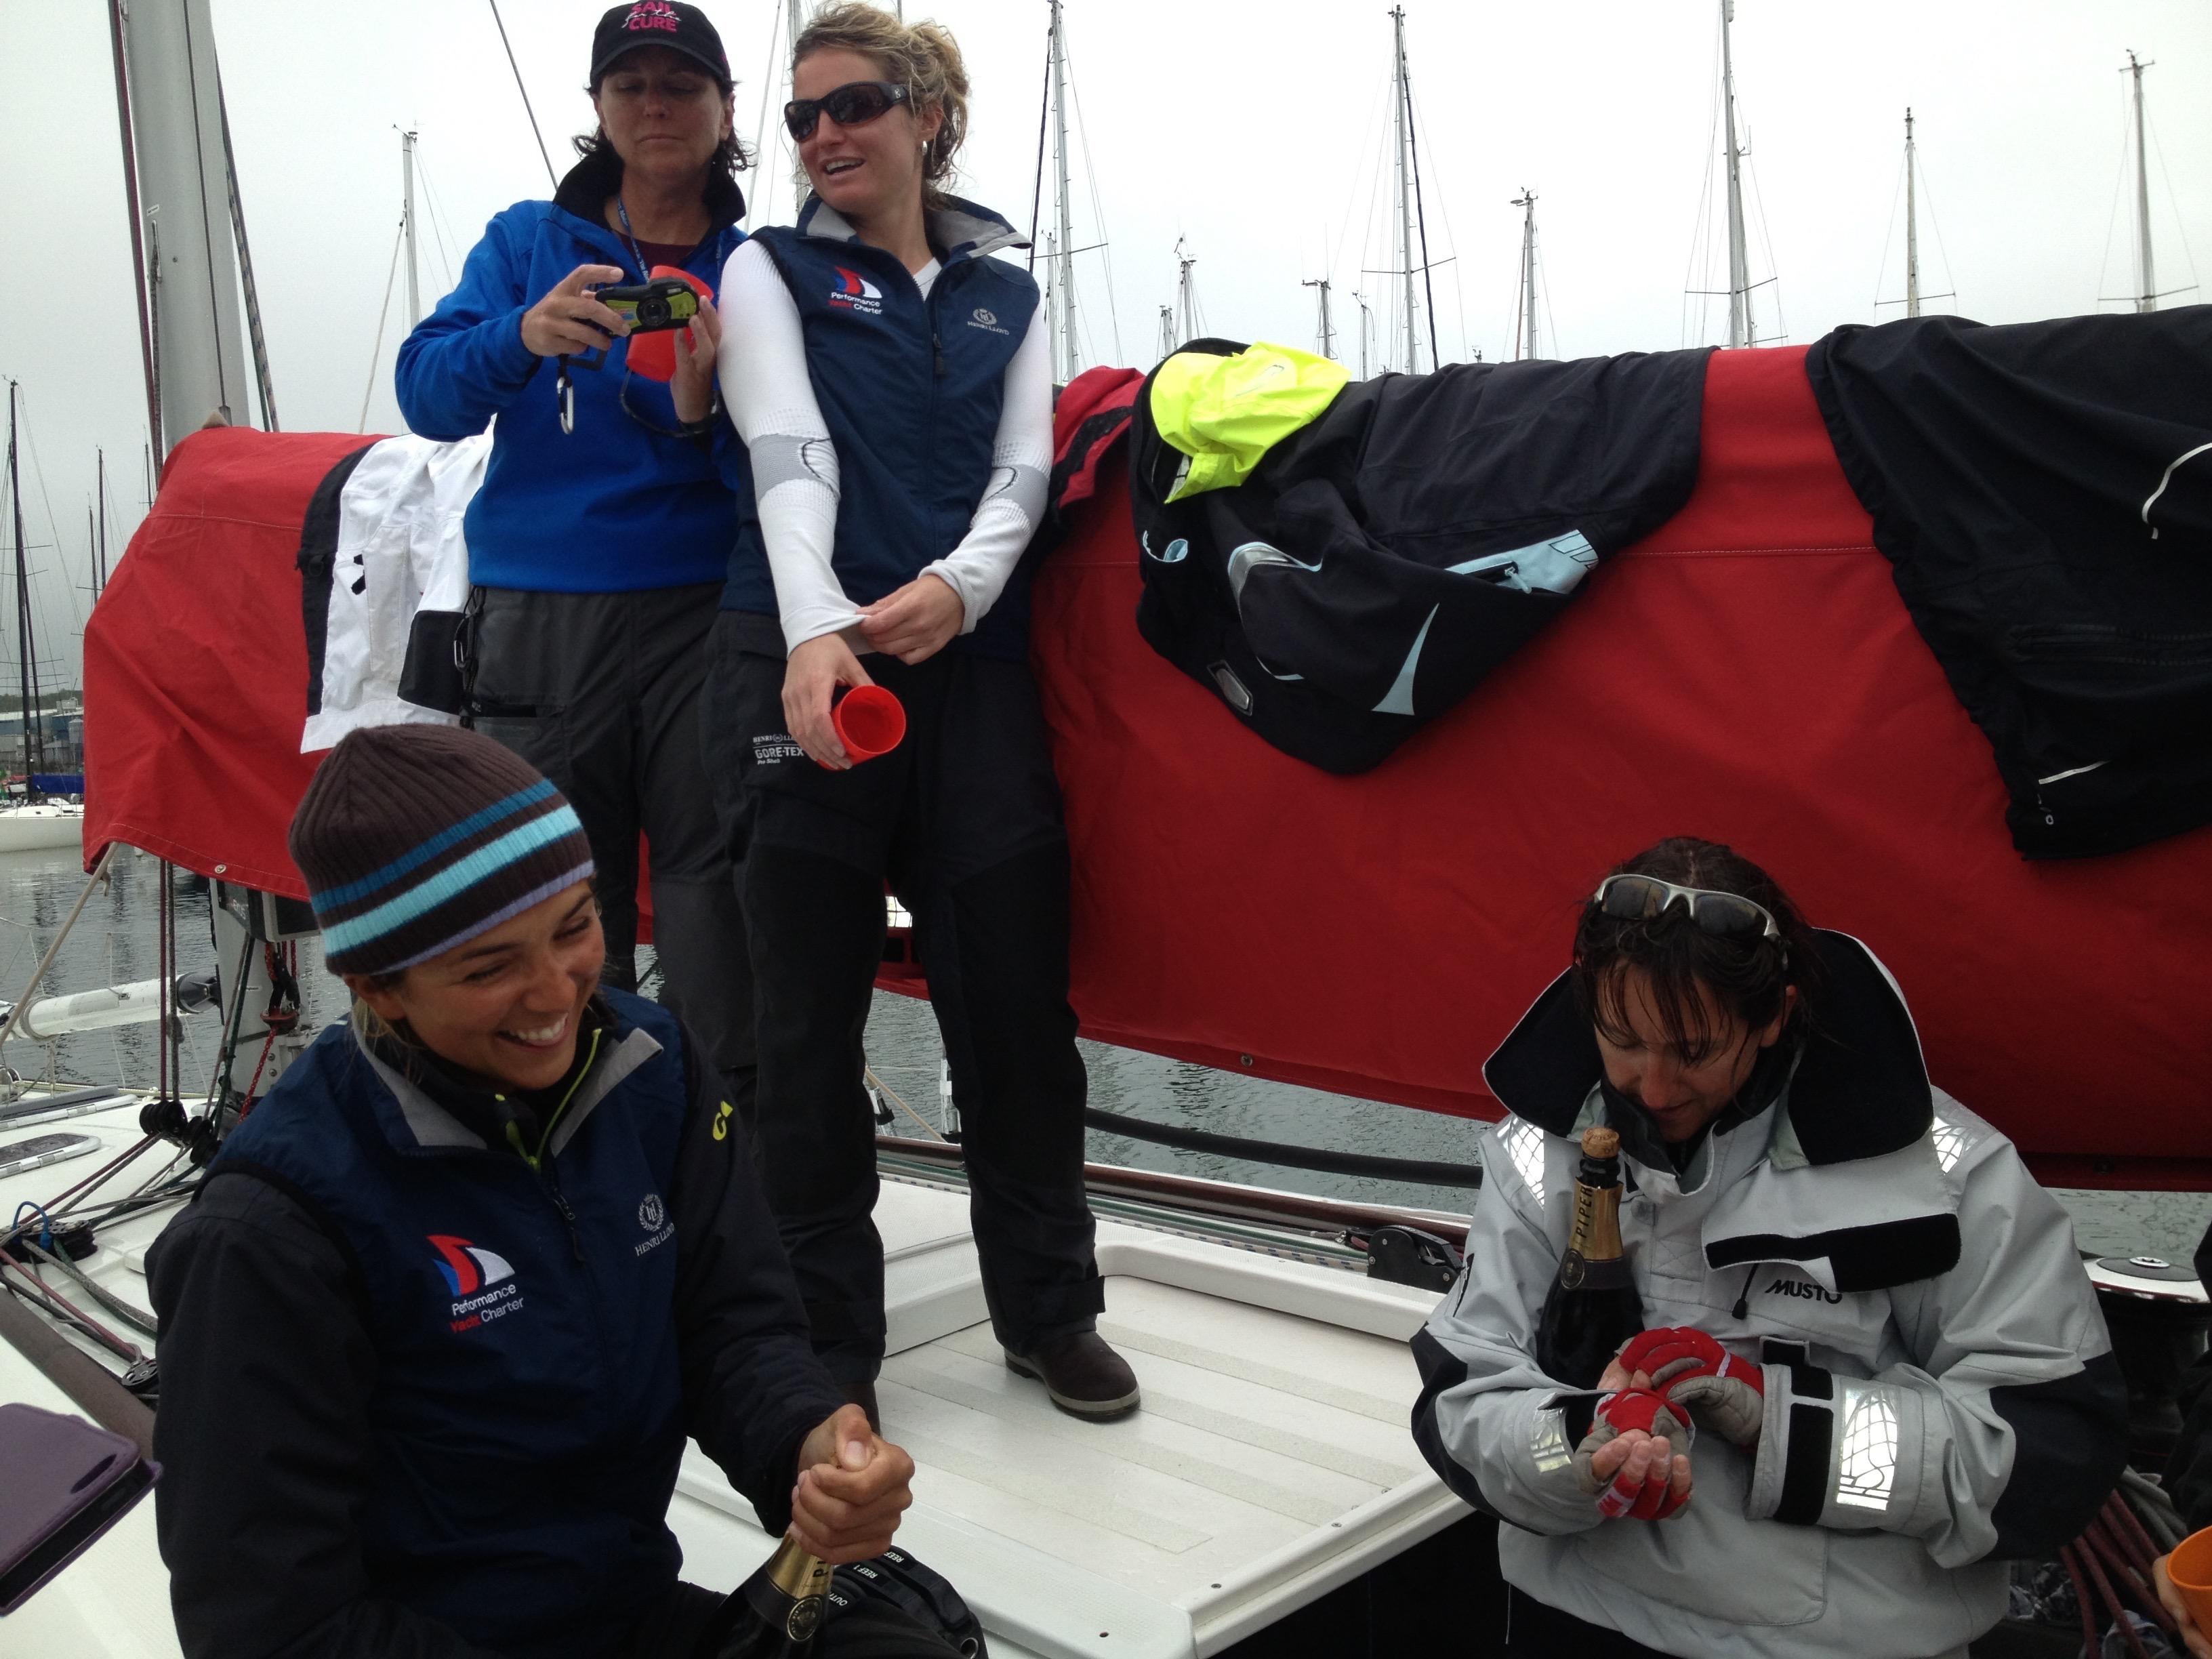 Women in the 2019 Rolex Fastnet Race